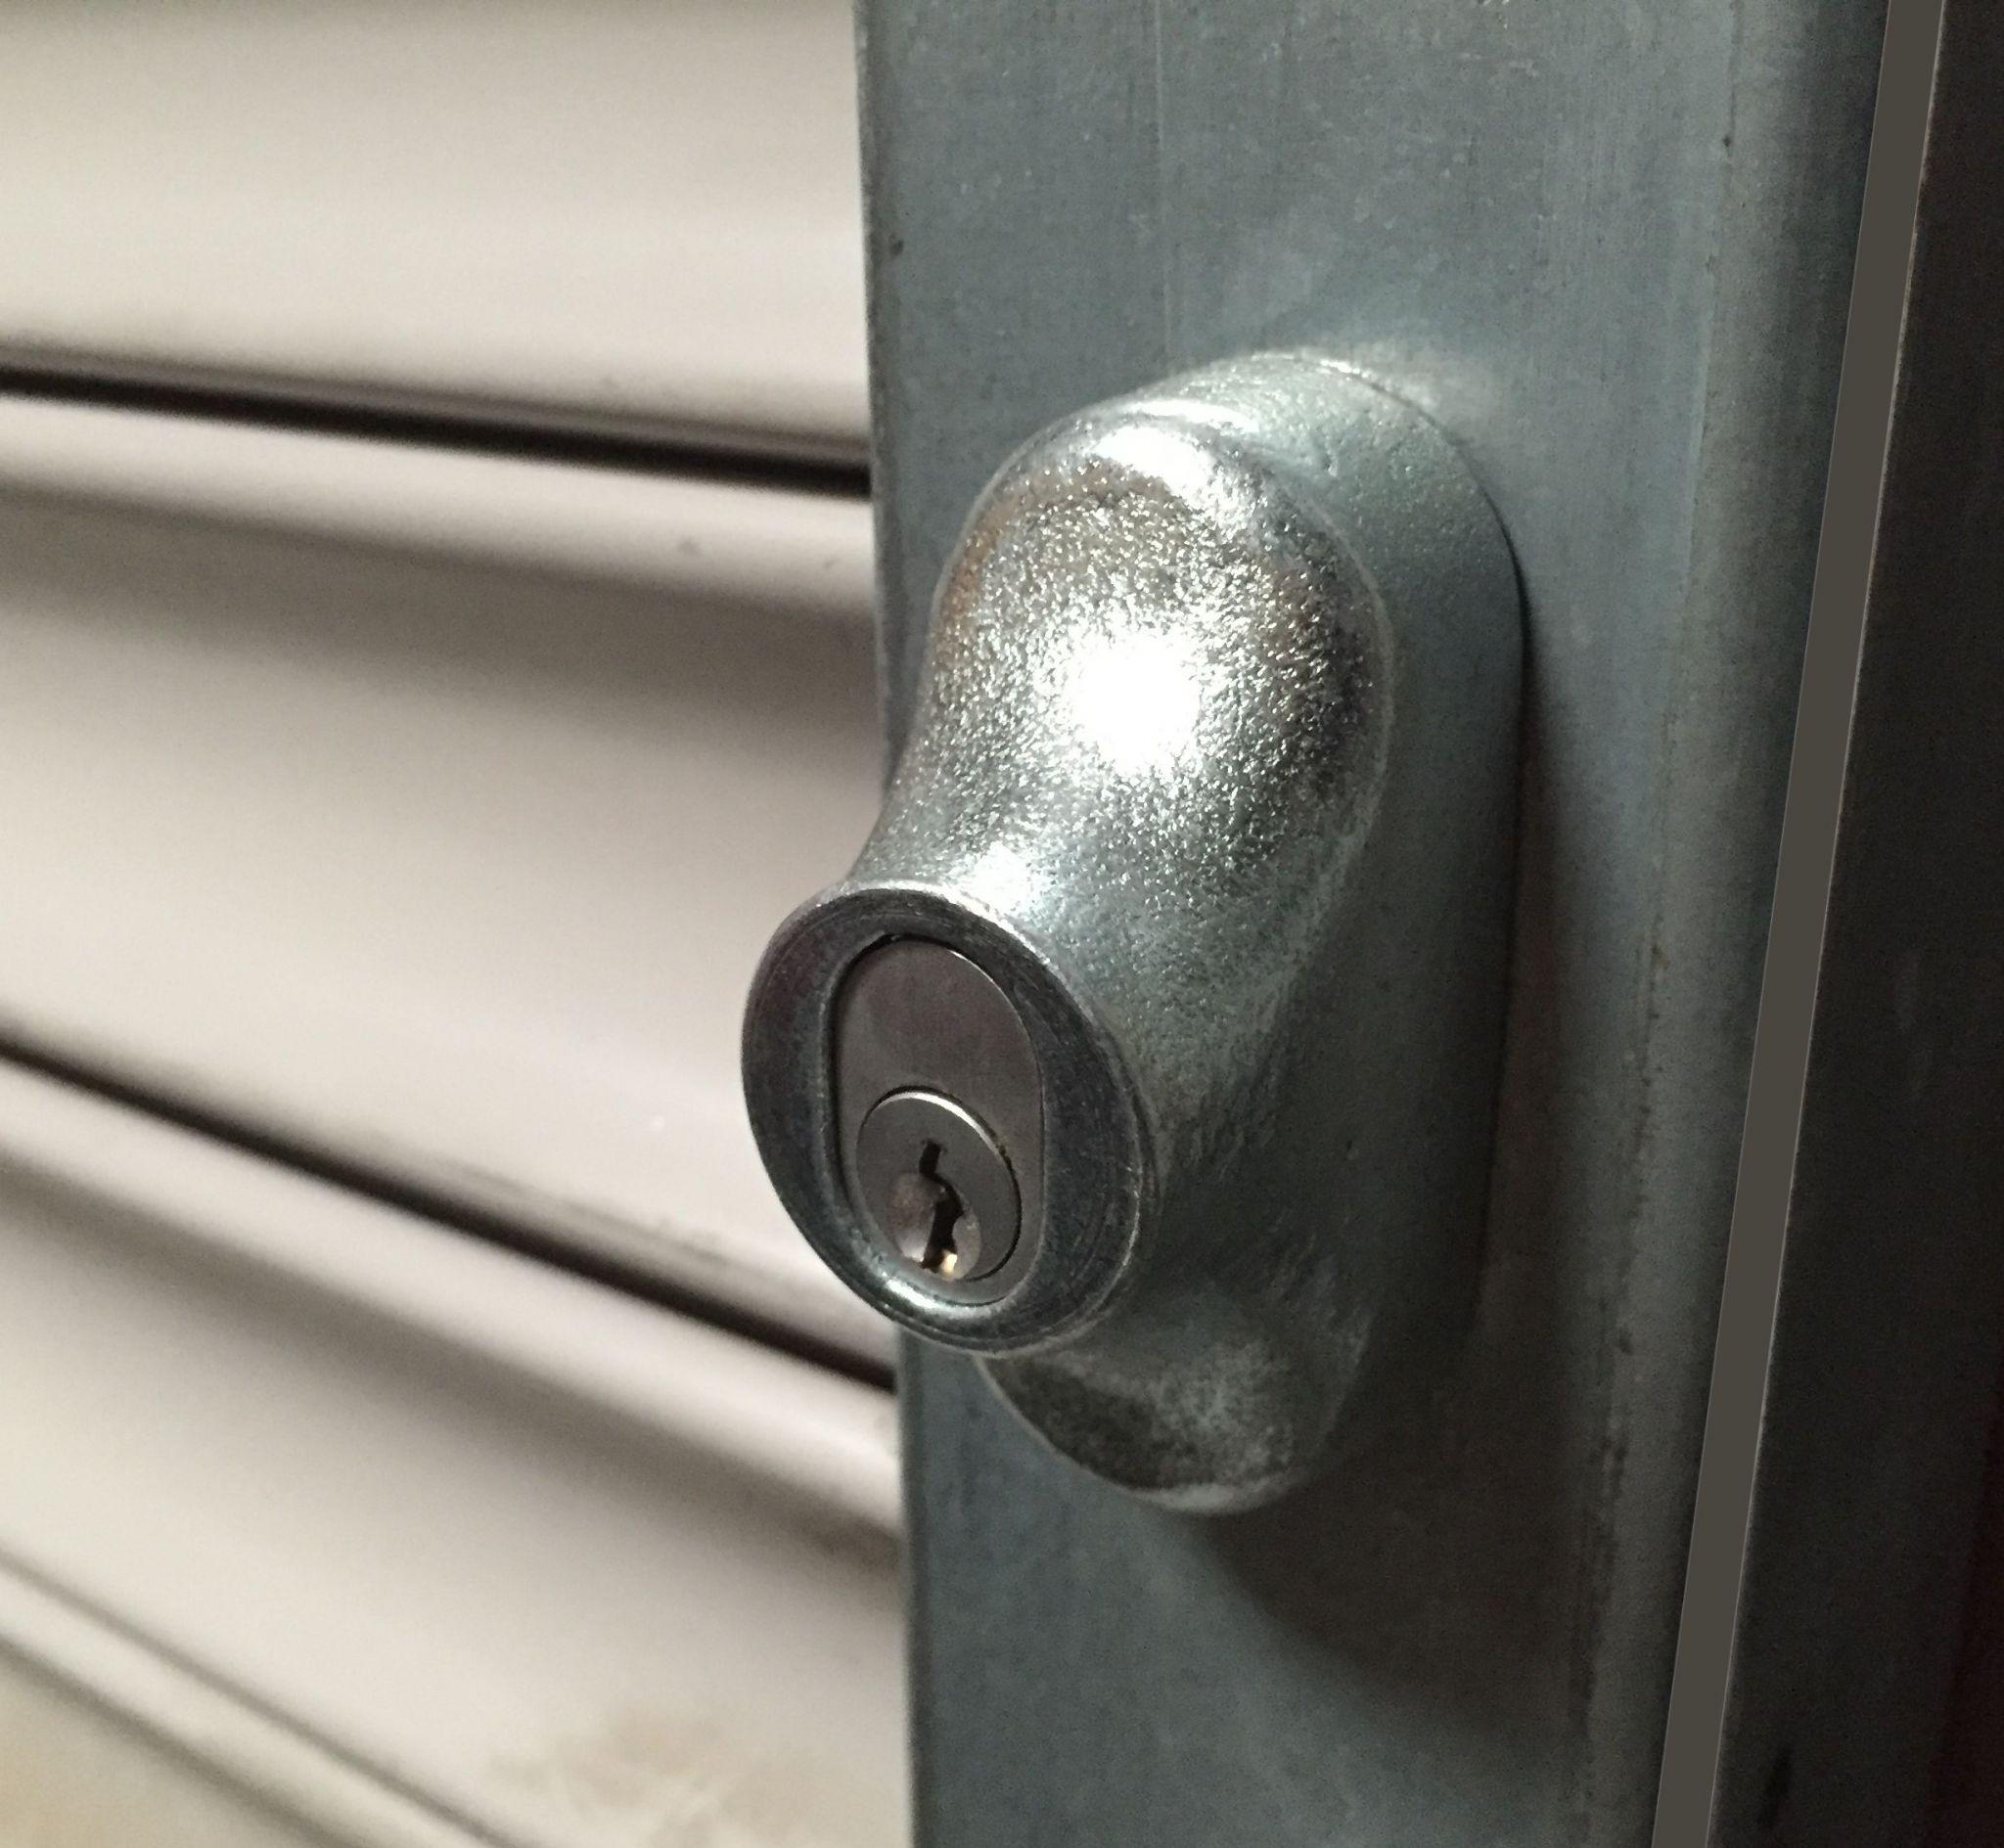 Security Locks For Roller Shutter Doors Httpfranzdondi